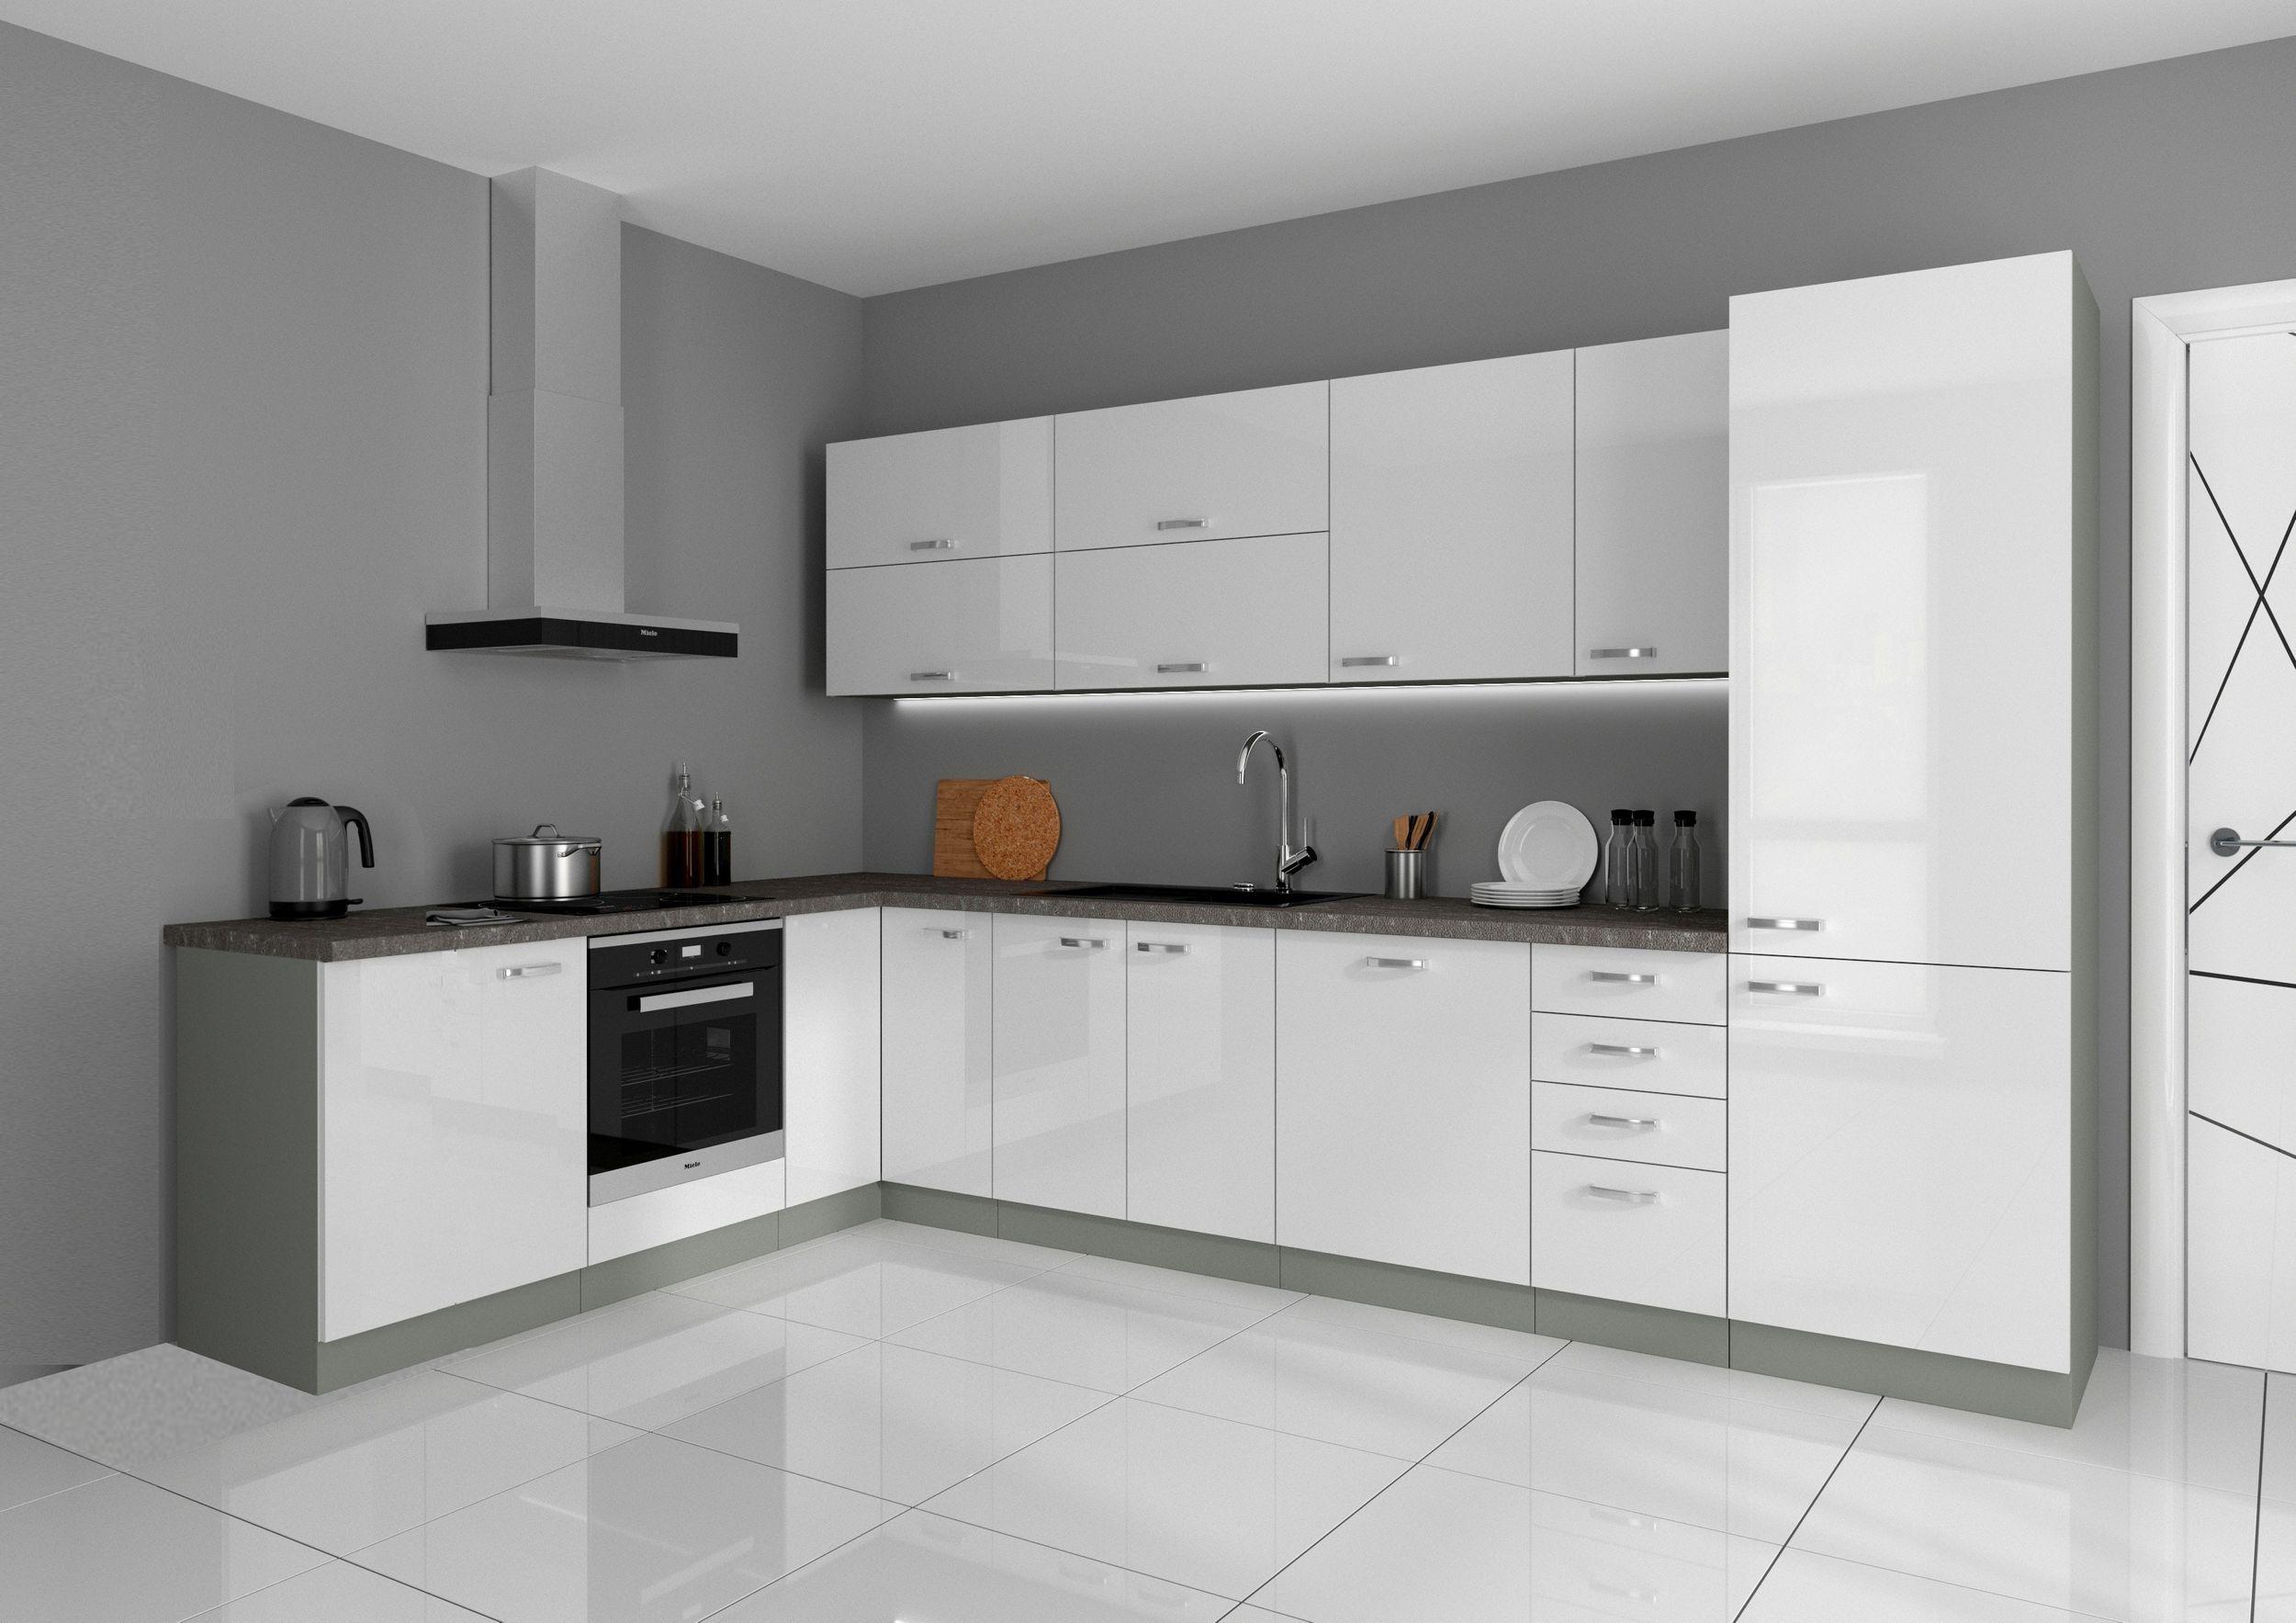 Full Size of Einbauküche Günstig Einbauküche Günstig Mit Elektrogeräten Gebrauchte Einbauküche Günstig Kaufen Kleine Einbauküche Günstig Küche Einbauküche Günstig